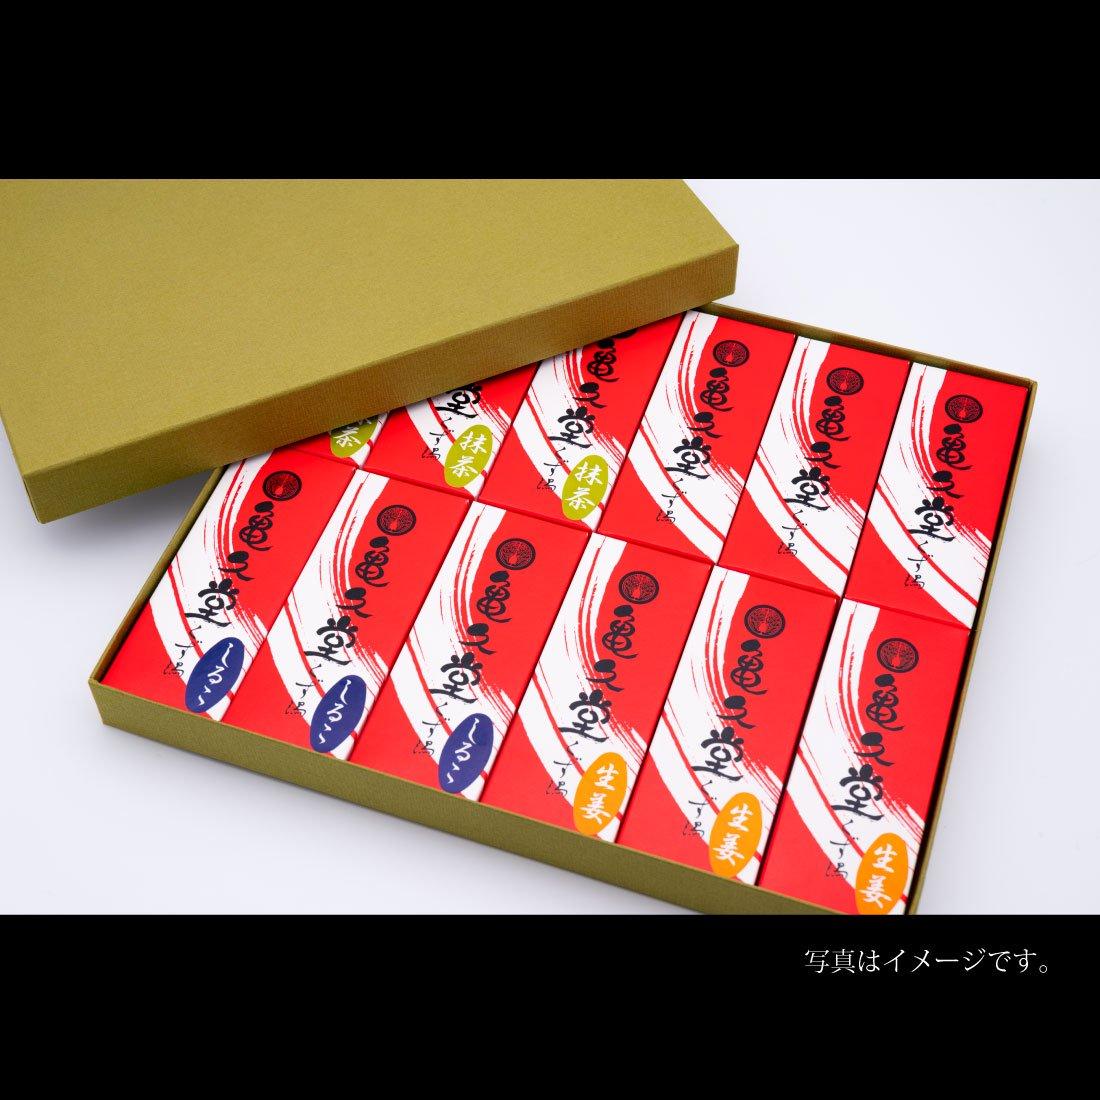 吉野本葛 くず湯(赤箱)30g×4種の味12個